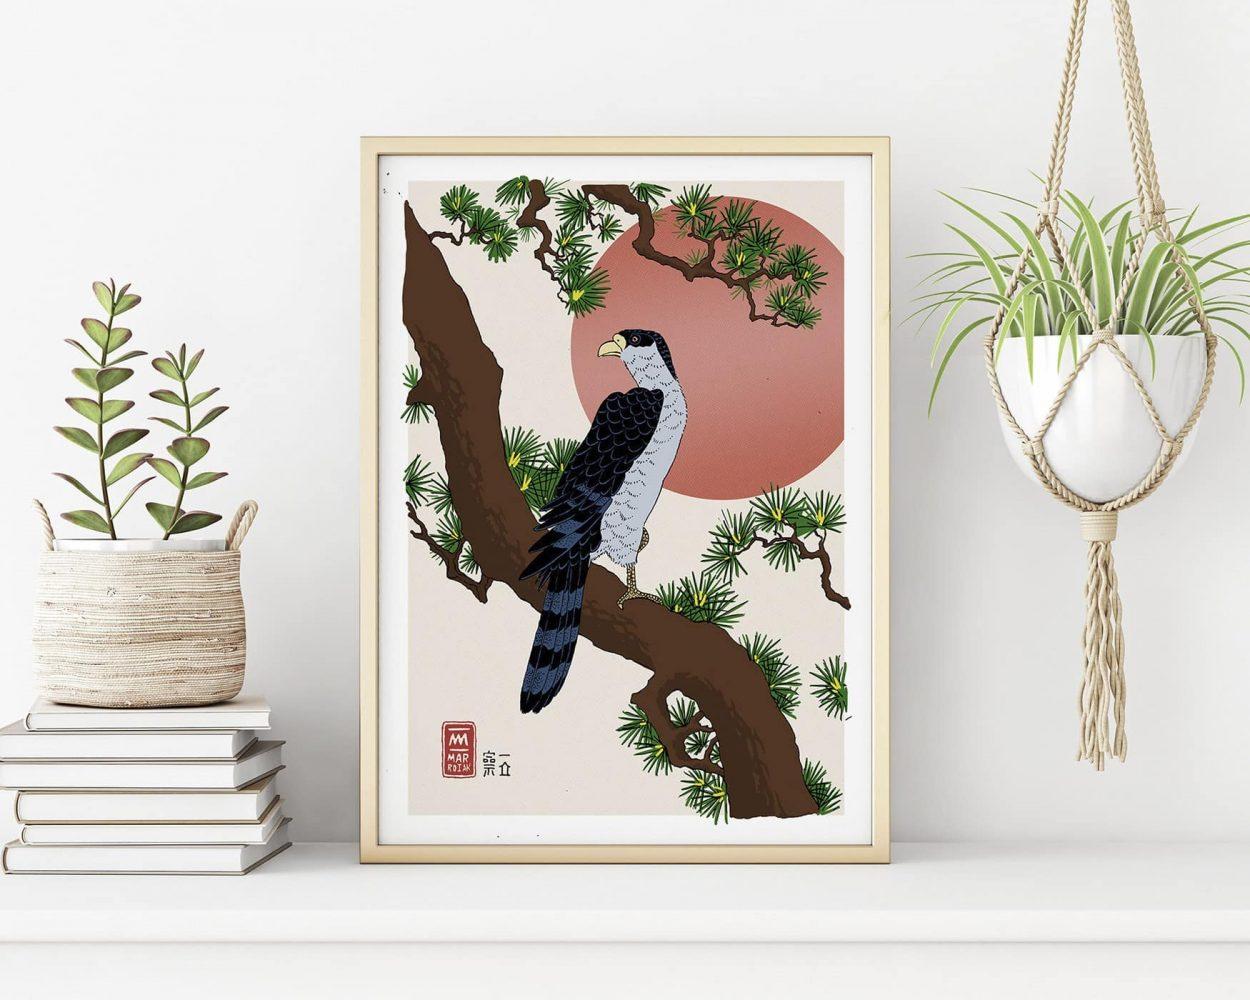 Versión de la obra de arte japonesa Halcón sobre una rama de pino. Ilustración en tinta sobre papel. Arte japonés estampa ukiyo-e